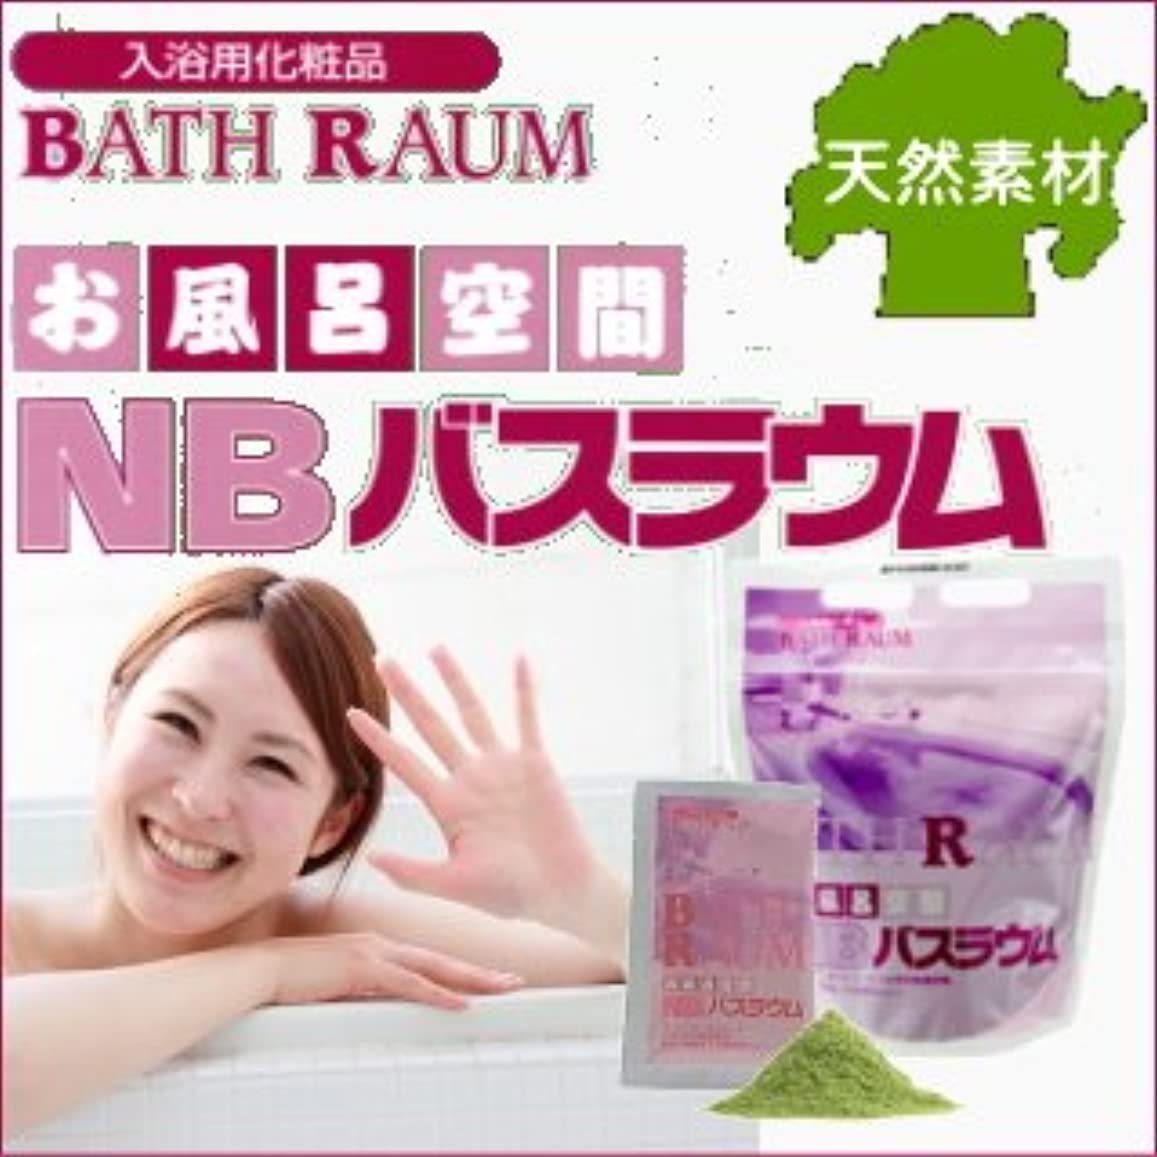 兵器庫ジーンズ設計入浴用化粧品バスラウム 徳用1袋 約1ヶ月分(1.5Kg×1袋)